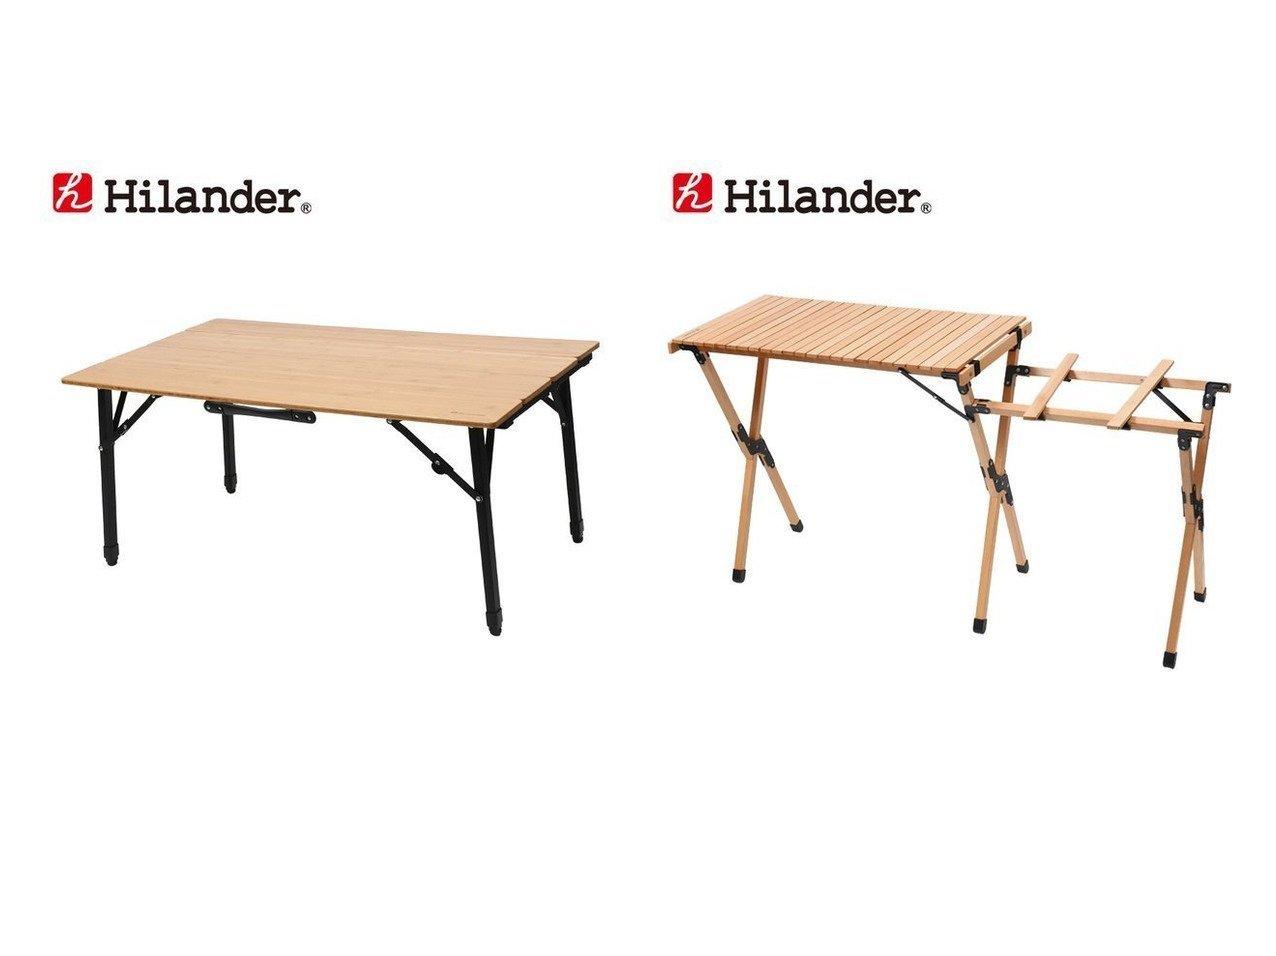 【Hilander/ハイランダー】のウッドキッチンテーブル&バンブー4つ折りテーブル 【アウトドアテーブル】おすすめ!人気キャンプ・アウトドア用品の通販 おすすめで人気の流行・トレンド、ファッションの通販商品 インテリア・家具・メンズファッション・キッズファッション・レディースファッション・服の通販 founy(ファニー) https://founy.com/ アウトドア コンパクト スタンド テーブル バンブー フレーム ホーム・キャンプ・アウトドア Home,Garden,Outdoor,Camping Gear キャンプ用品・アウトドア  Camping Gear & Outdoor Supplies チェア テーブル Camp Chairs, Camping Tables |ID:crp329100000050819